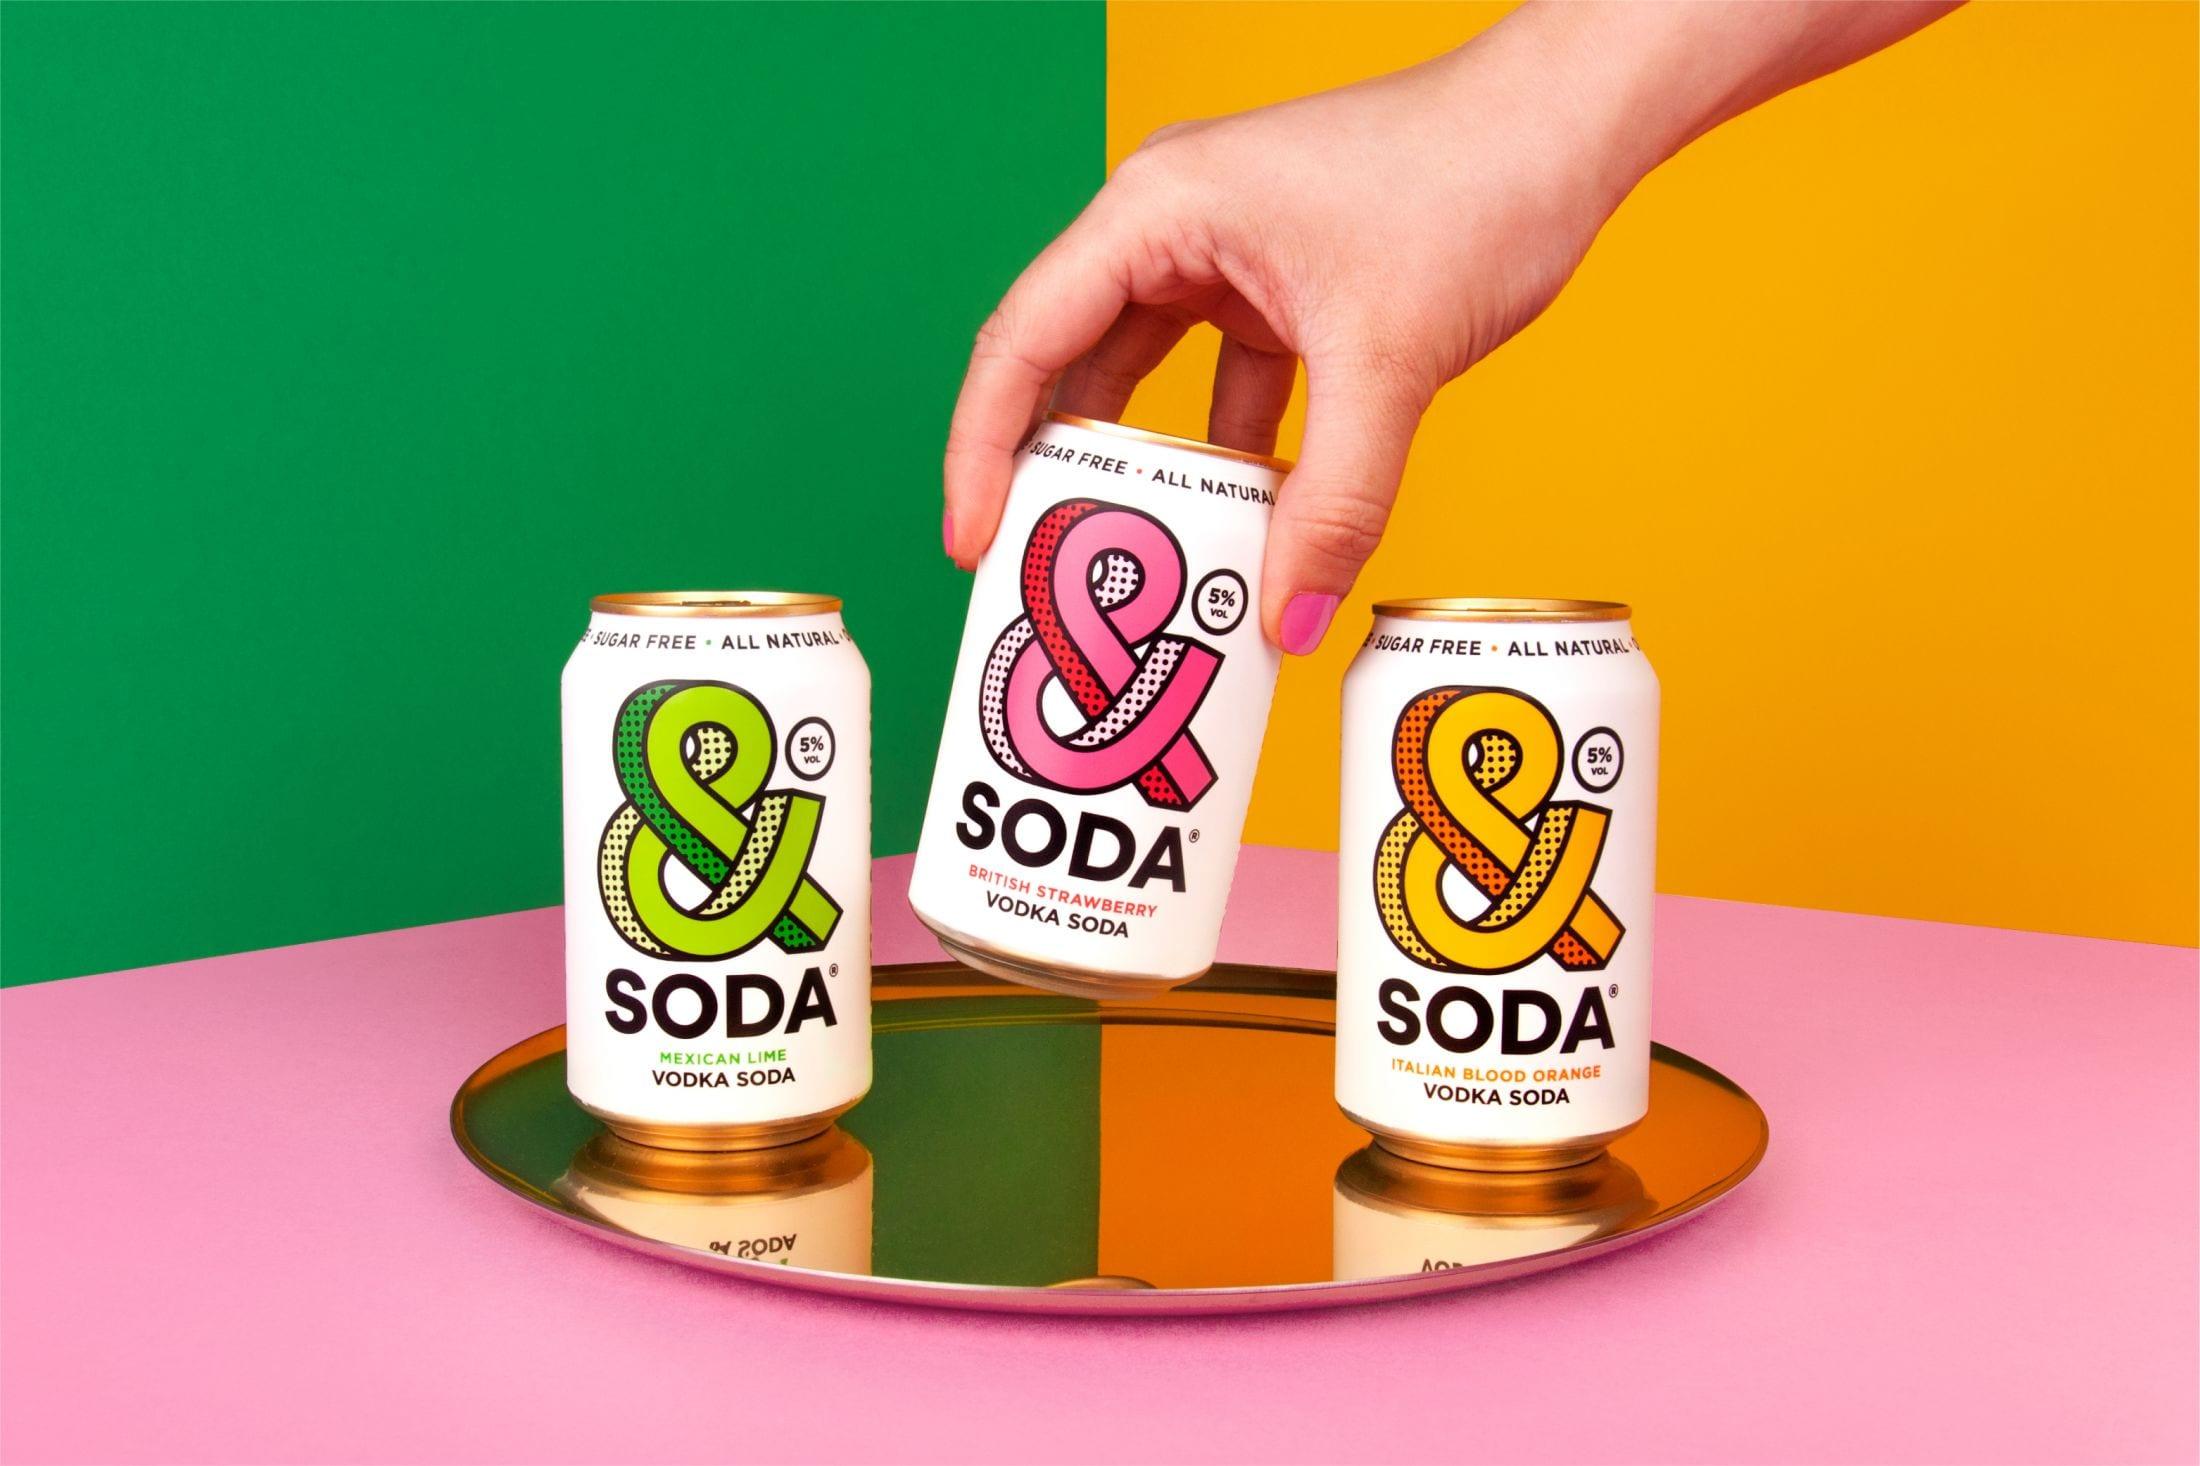 """dfe3d5fc4f18c5b3a4d894ba60ab770b89189546 2200 - Svěží a ovocná identita pro novou alternativu """"čistého pití"""" &Soda od společnosti Analogue"""